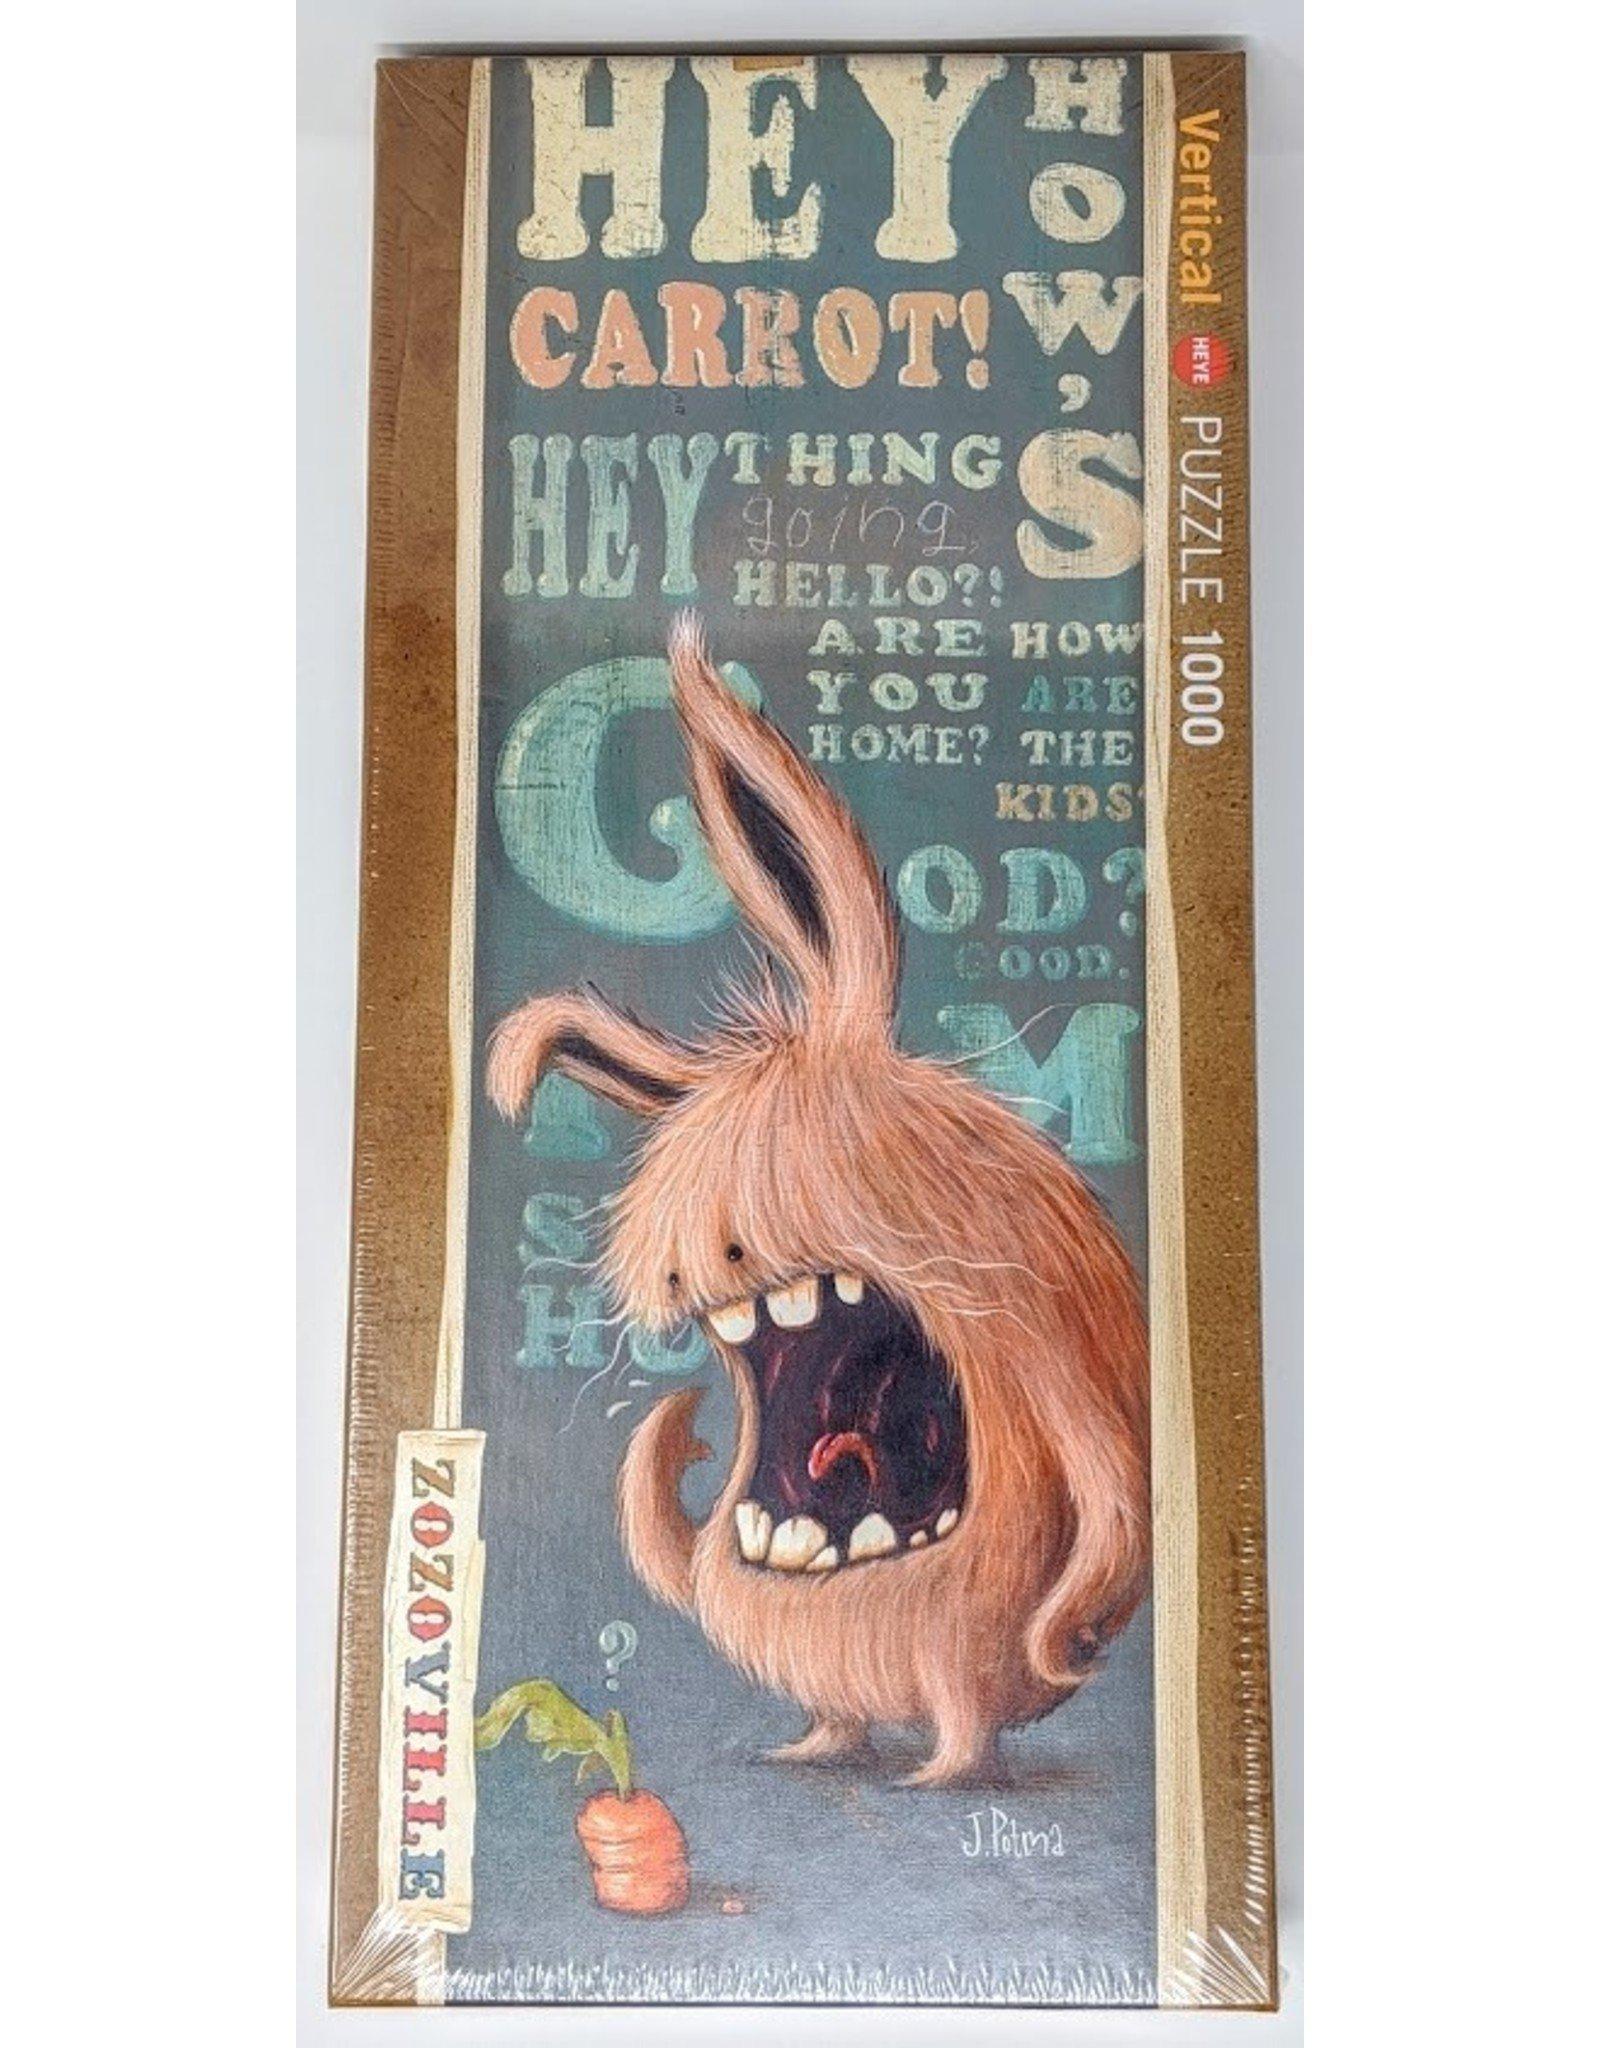 Zozoville Puzzle (1000 piece) - carrot